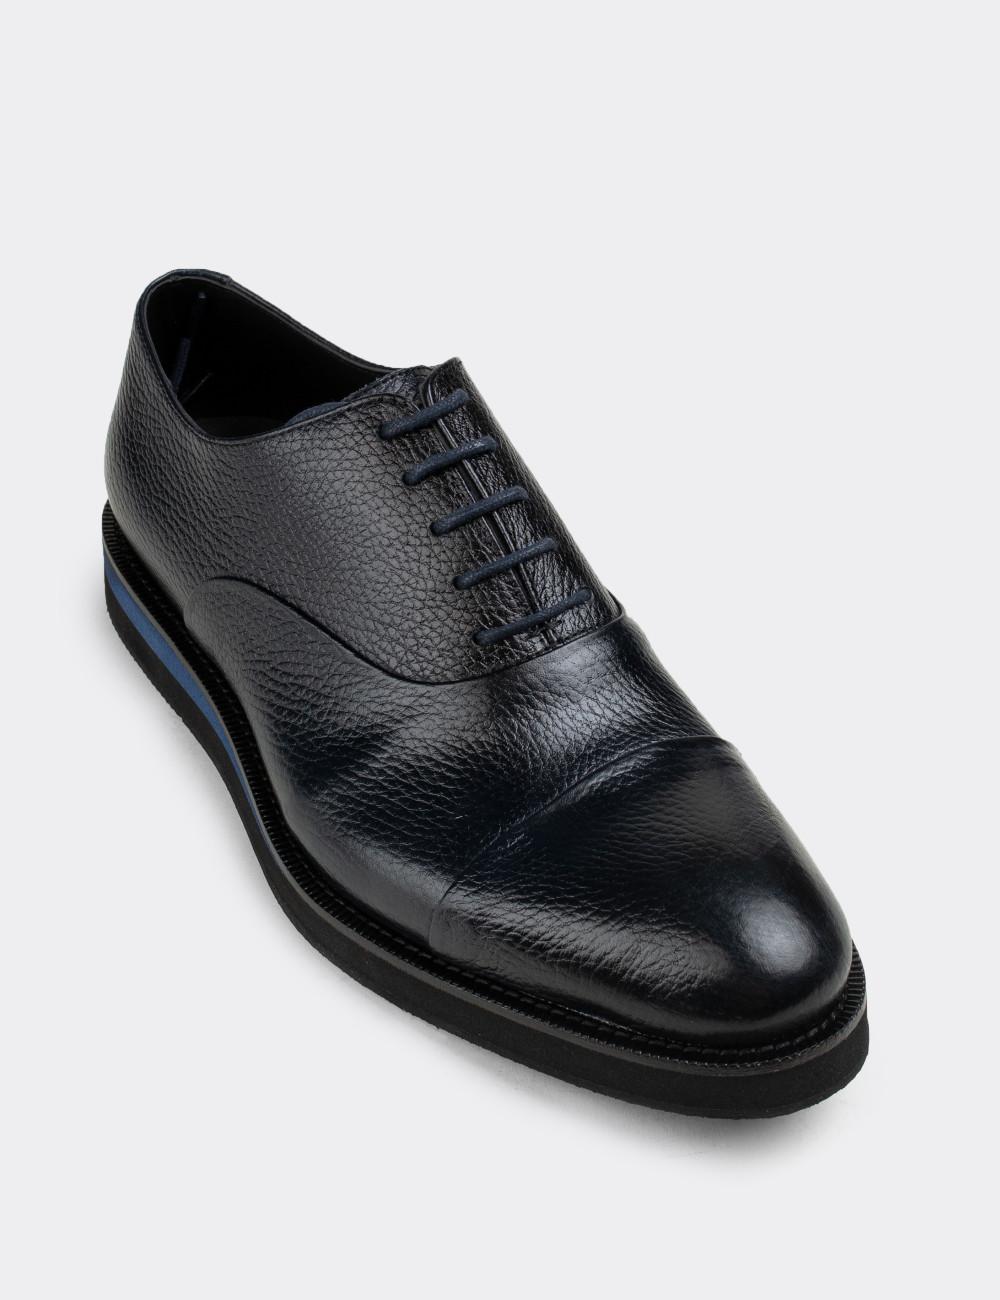 Hakiki Deri Lacivert Günlük Erkek Ayakkabı - 01026MLCVE03